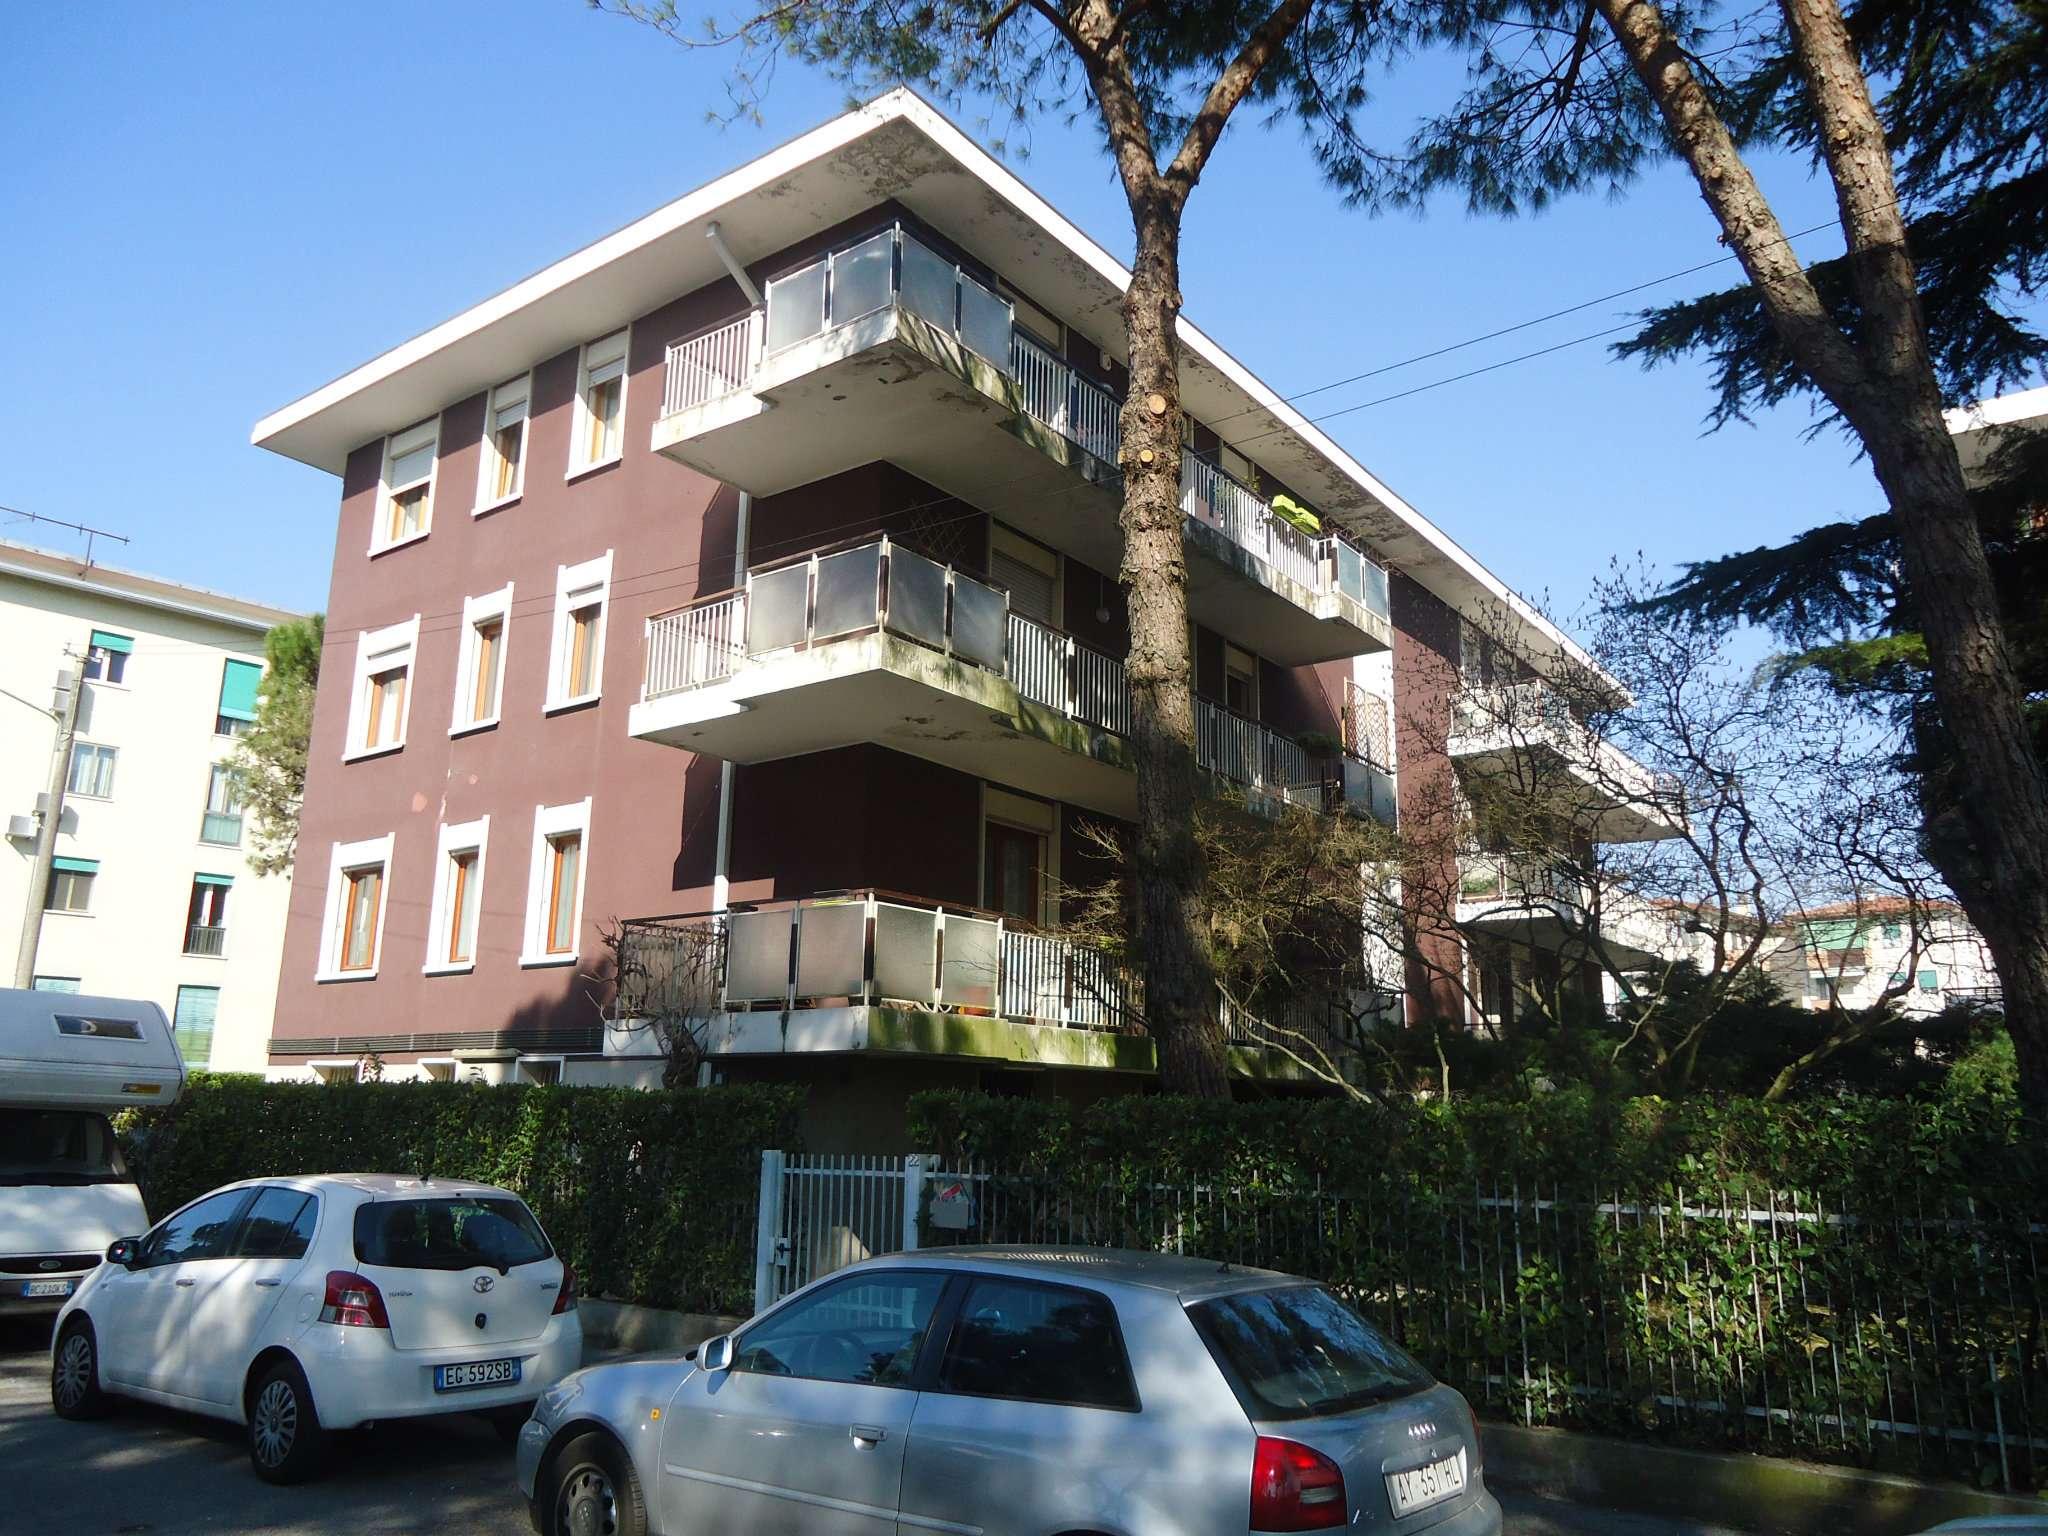 Appartamento in vendita a Padova, 4 locali, zona Zona: 6 . Ovest (Brentella-Valsugana), prezzo € 225.000 | CambioCasa.it